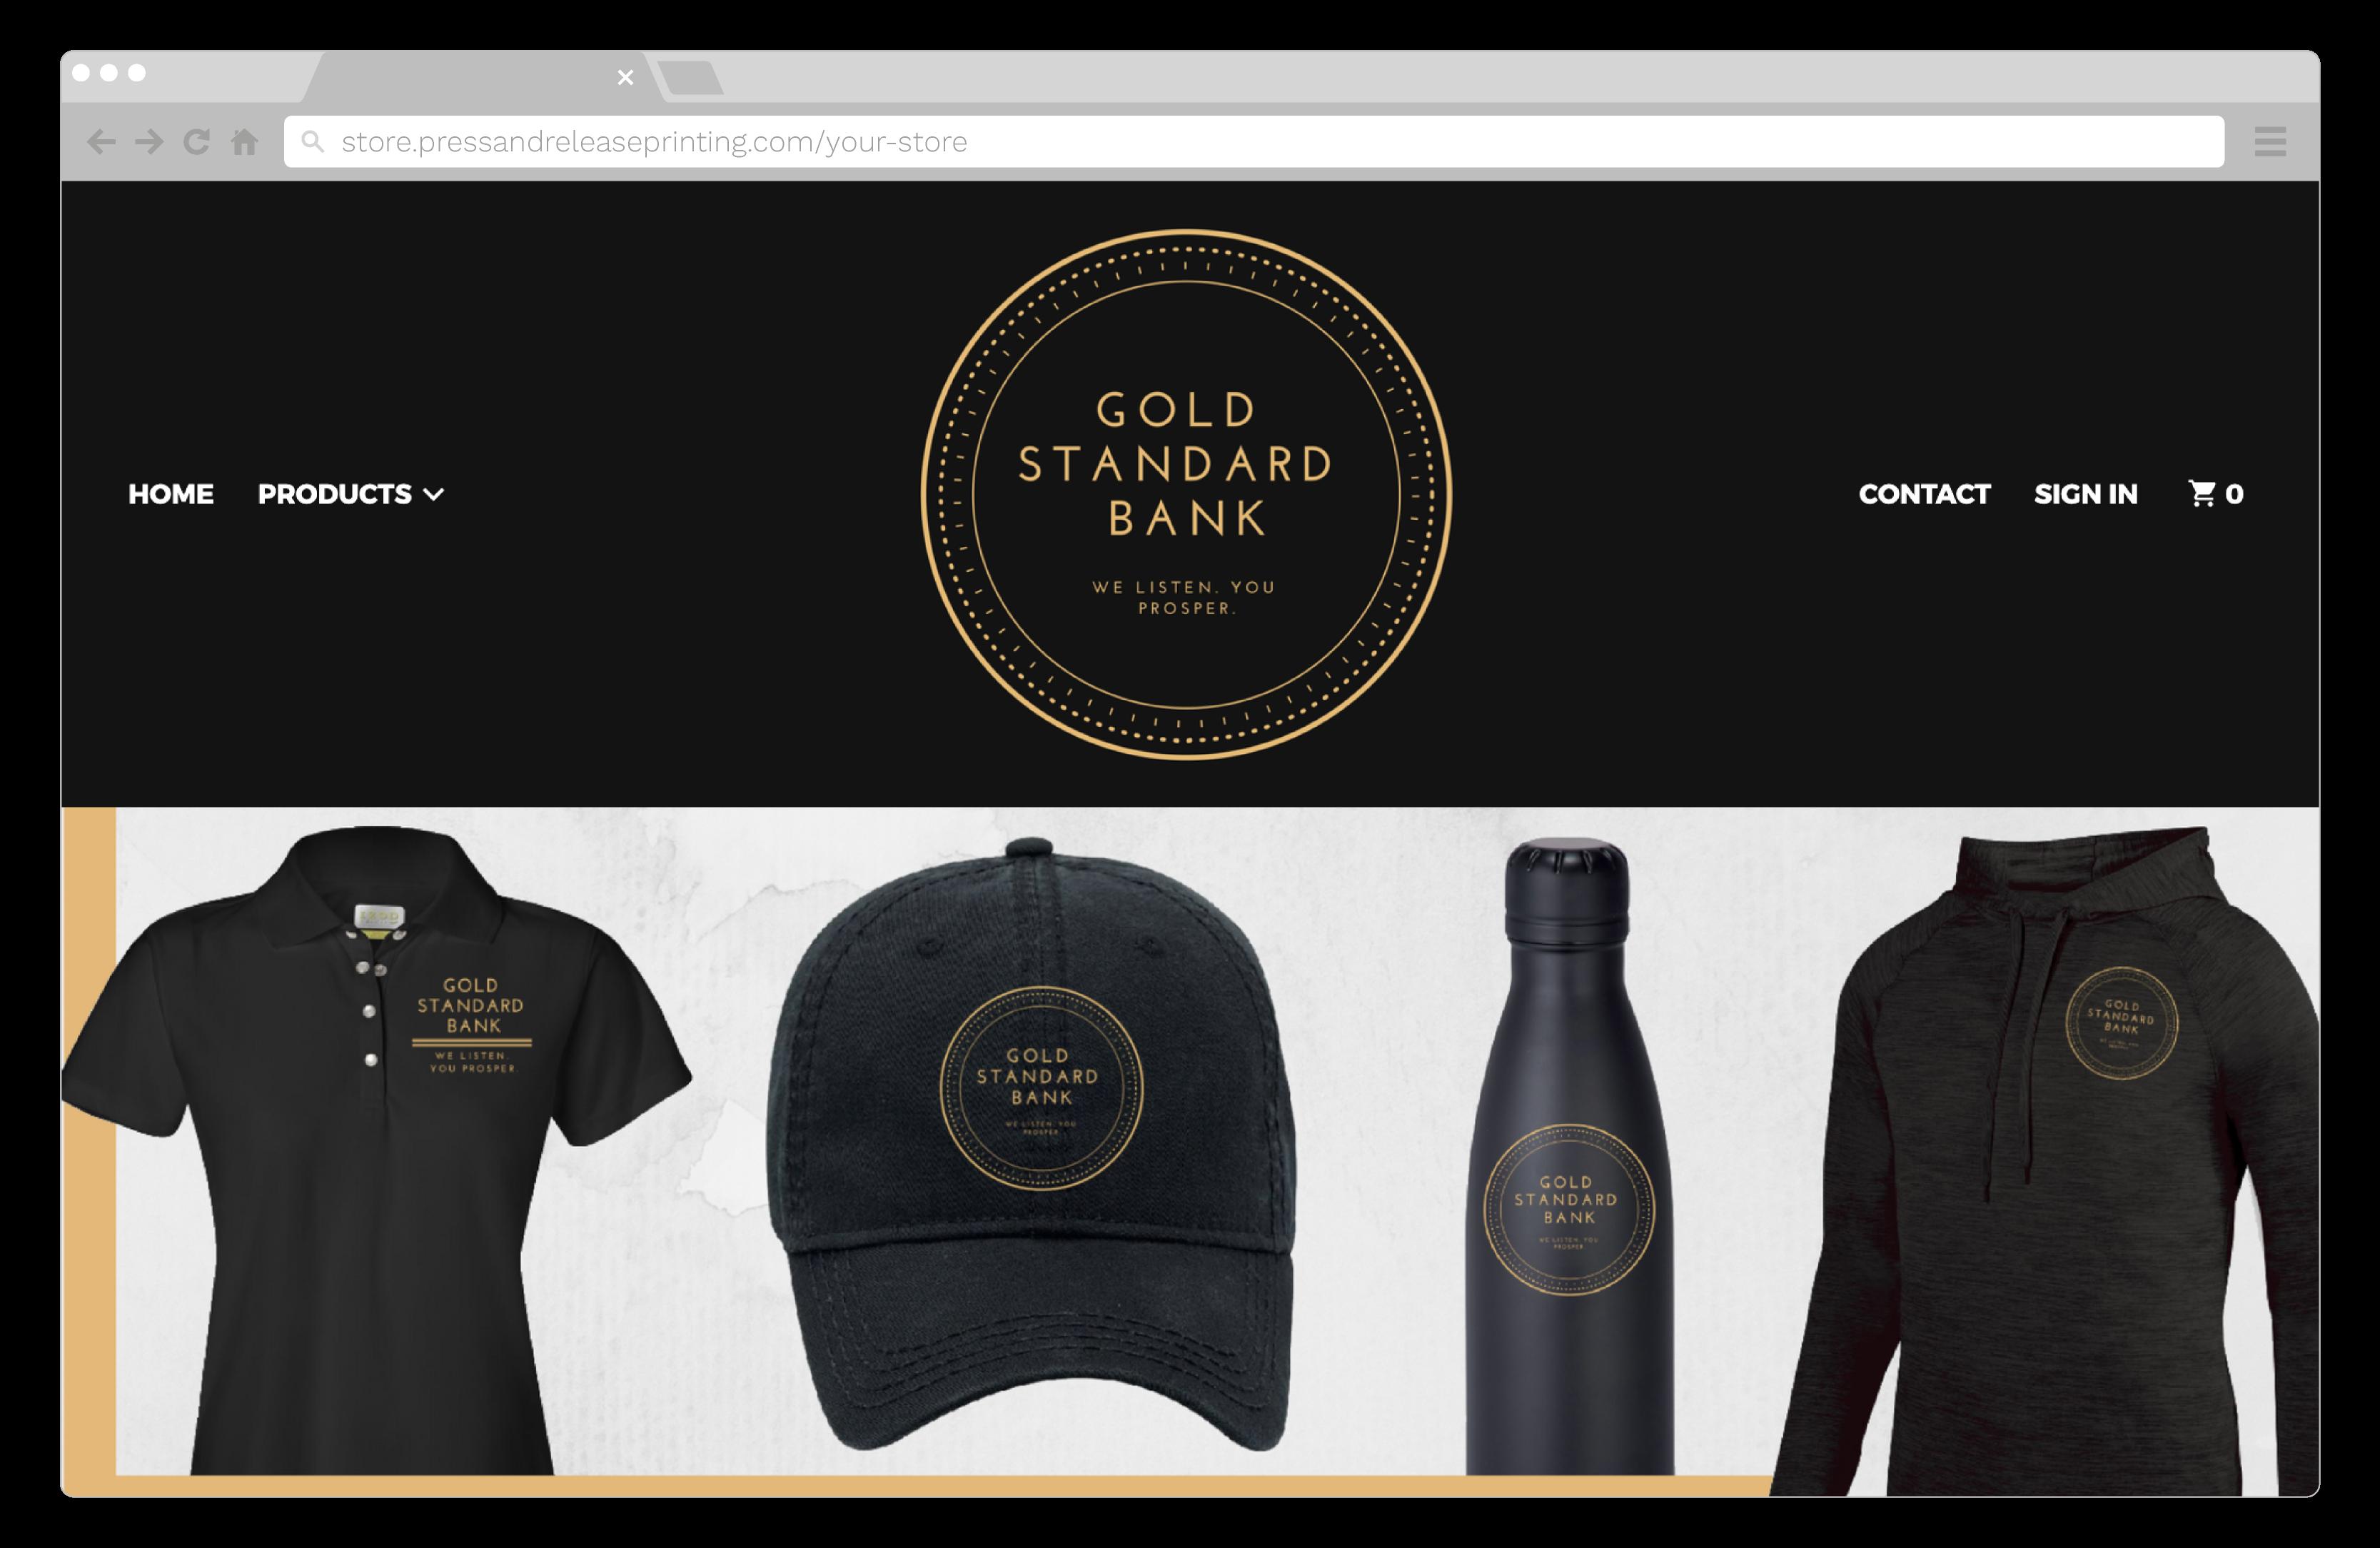 Screenshot of a bank's online staff apparel store.